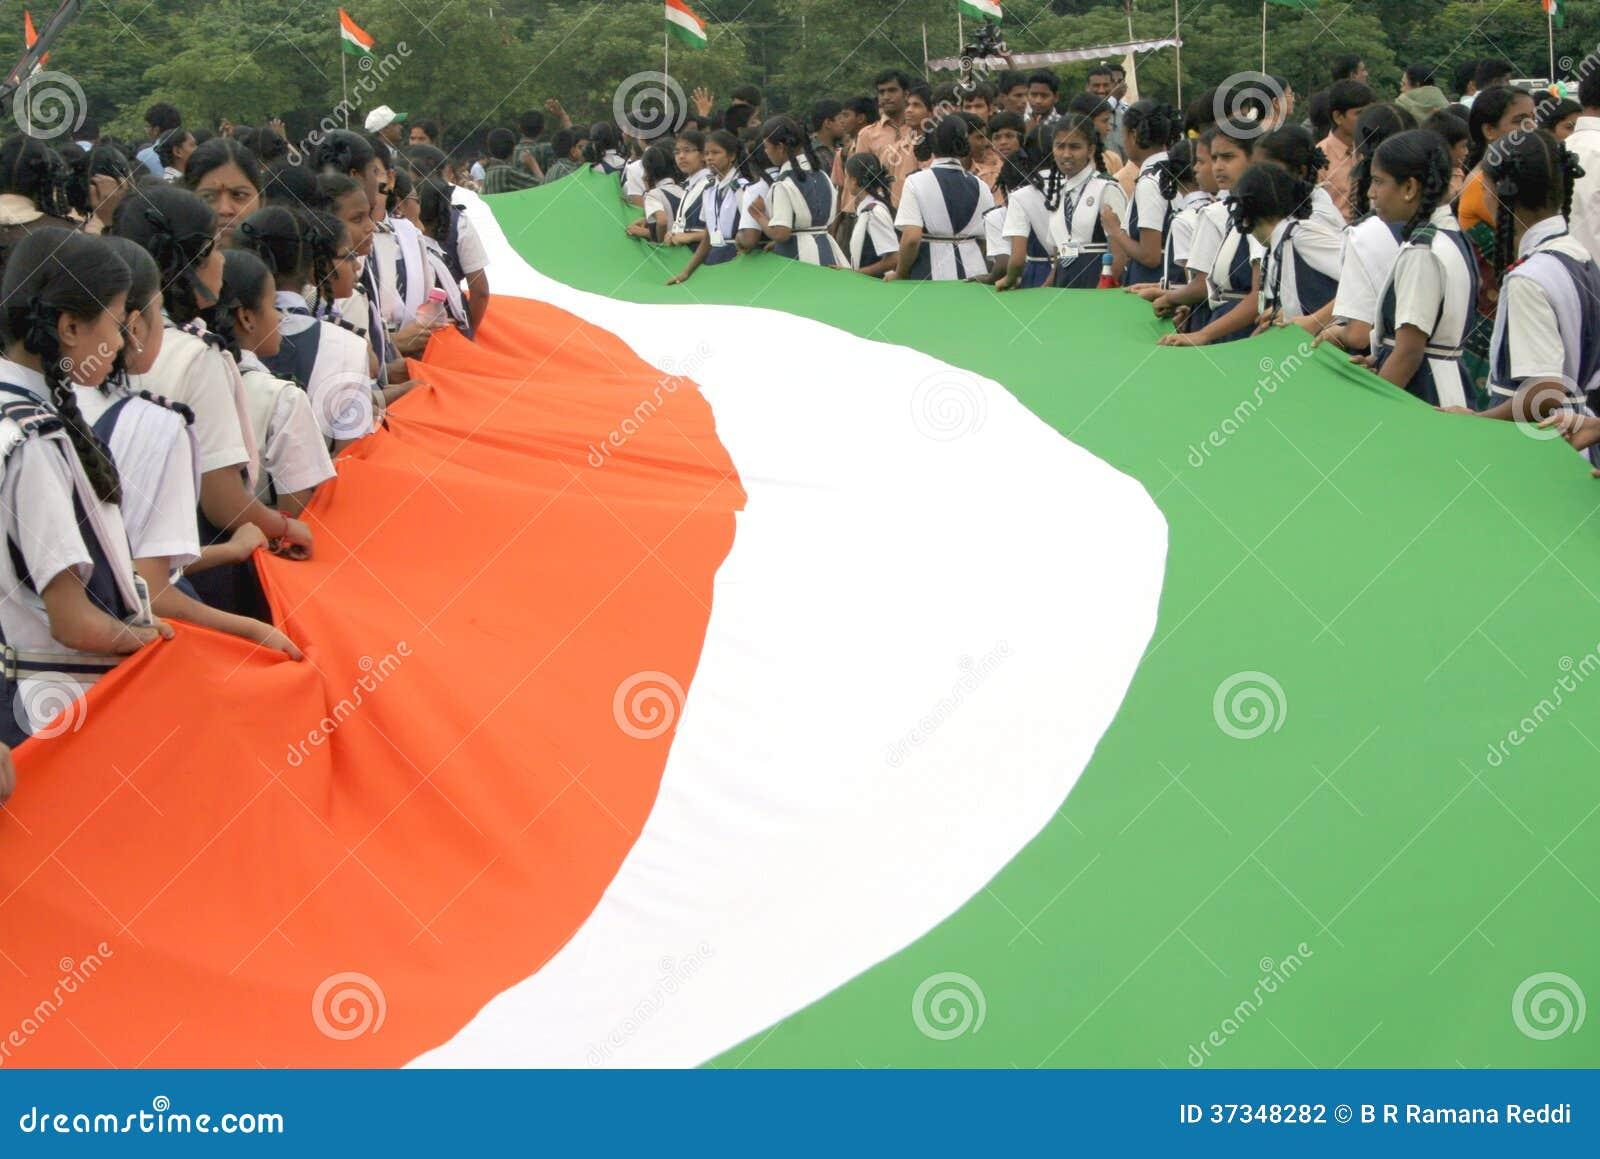 Lång indisk nationsflagga som bärs av skolbarn